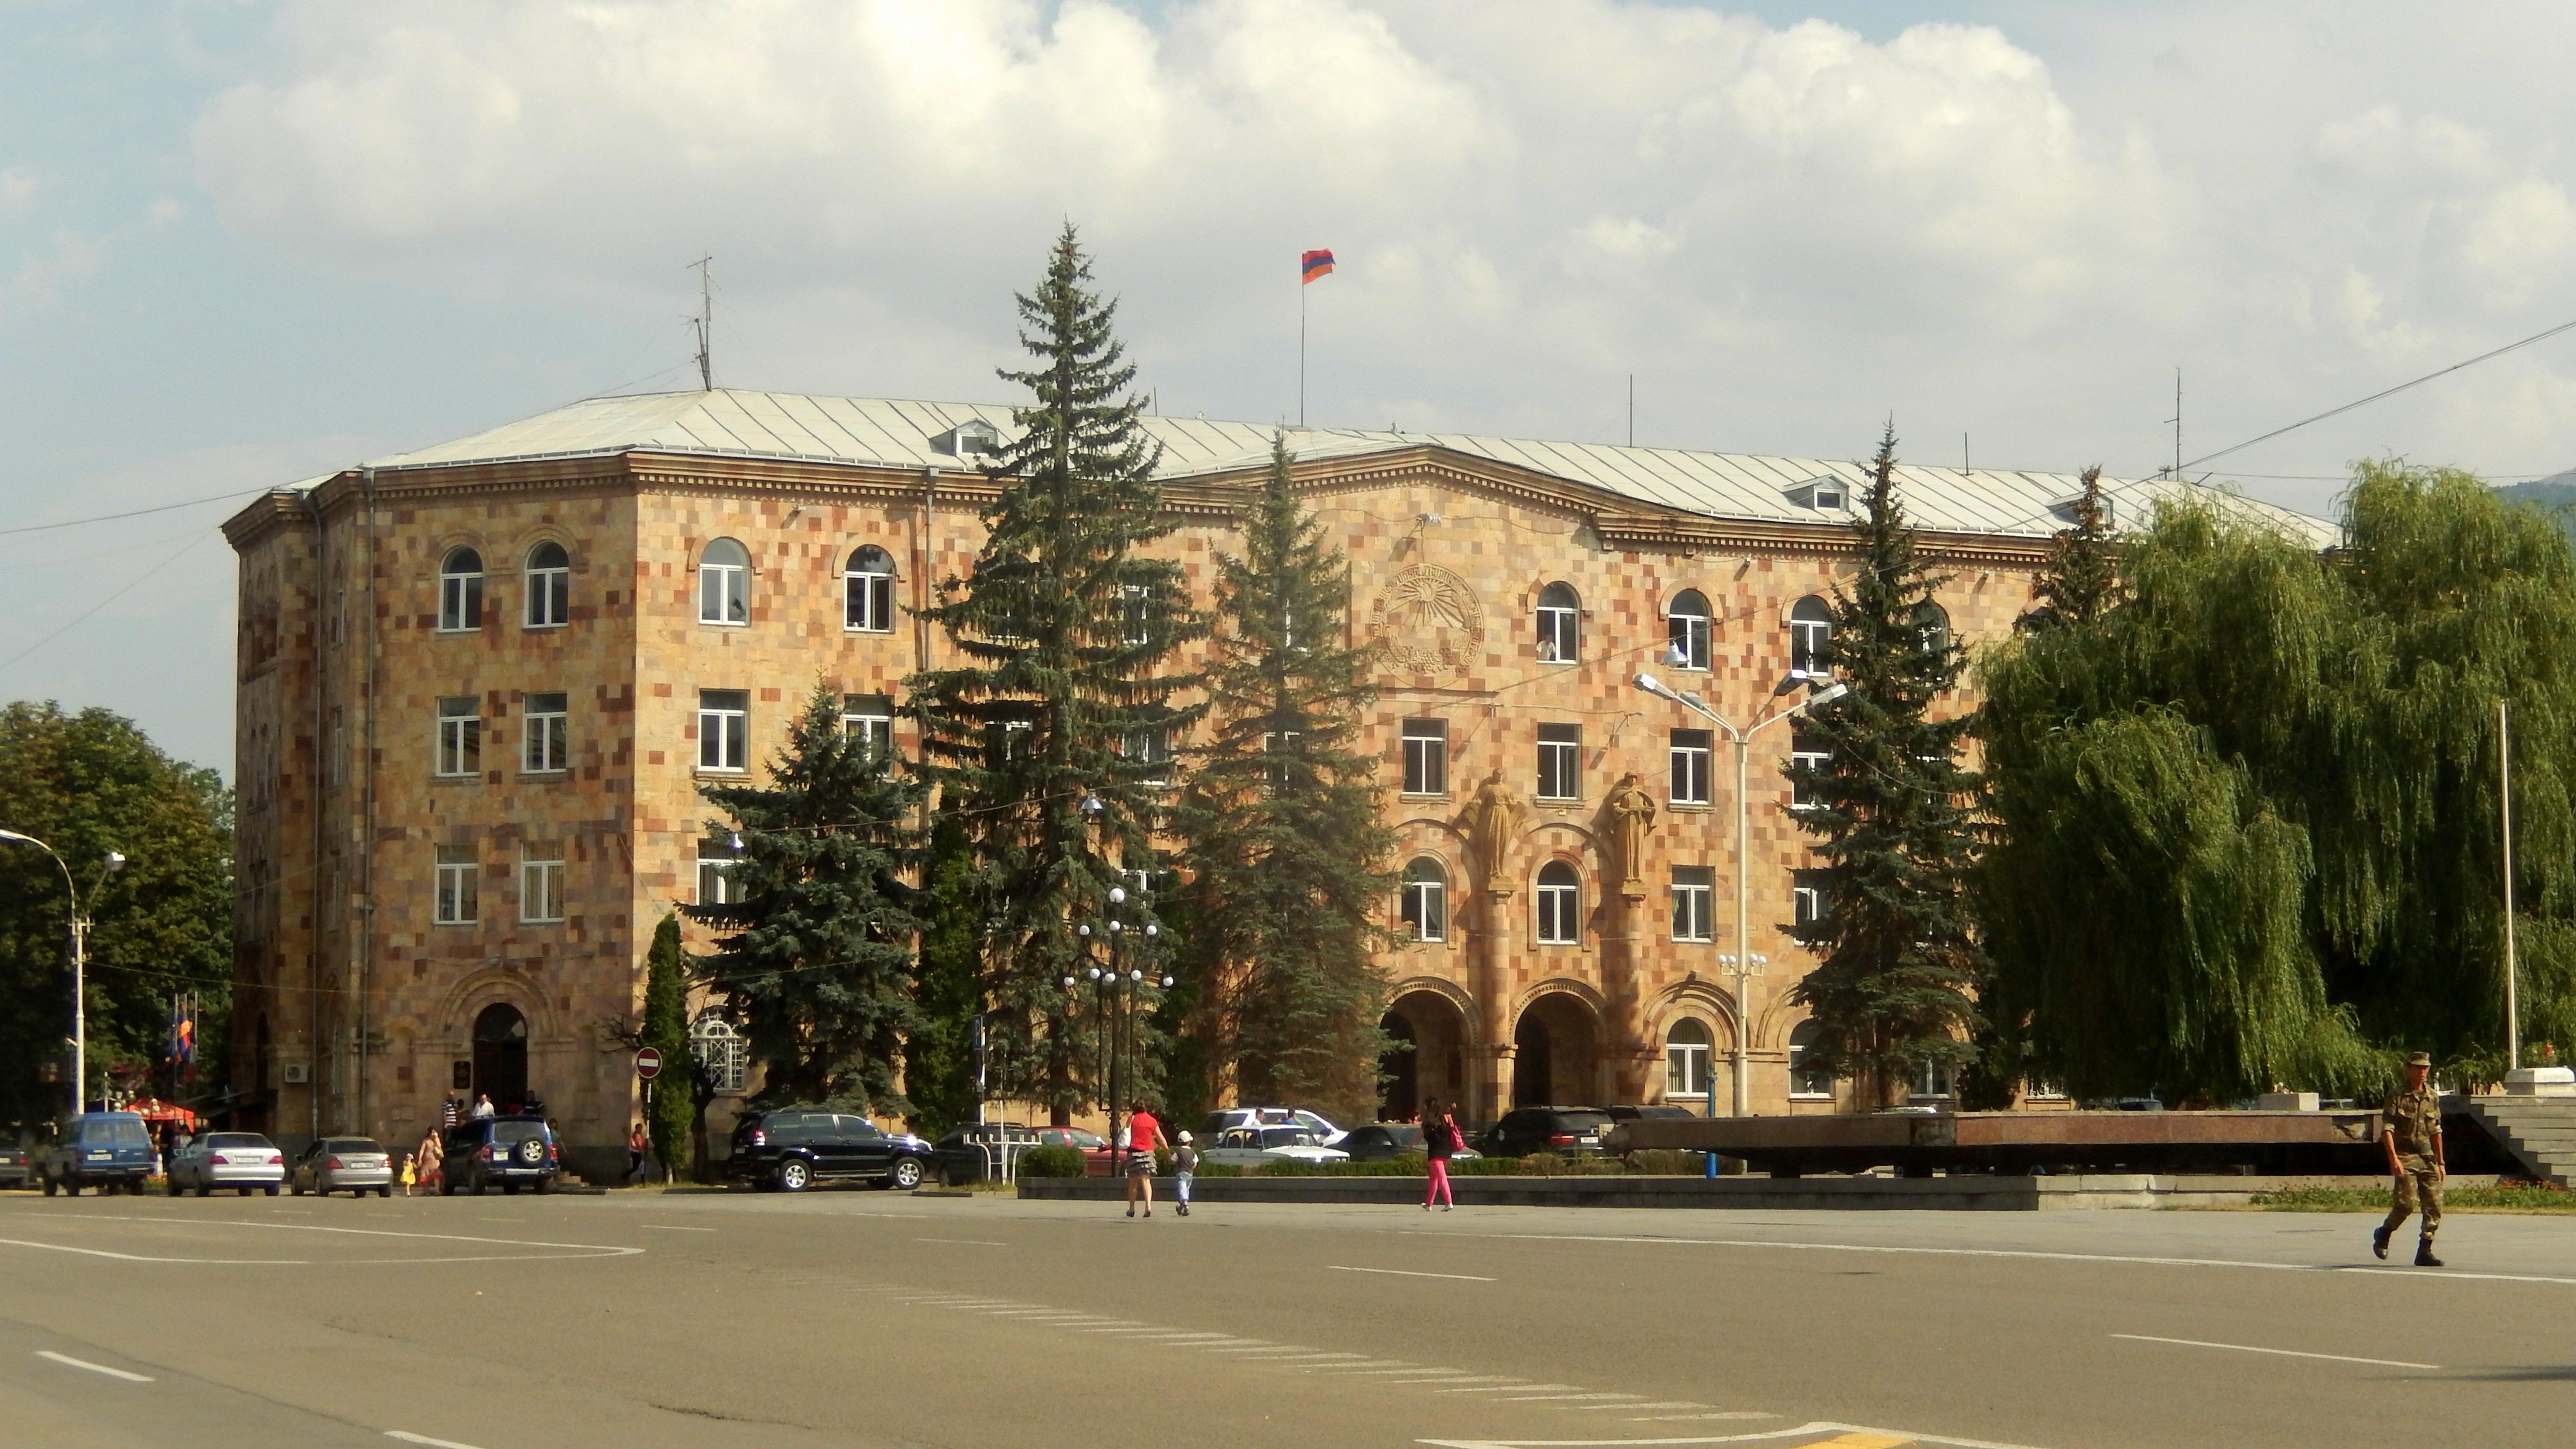 Վանաձորի քաղաքապետարանի աշխատակիցները տարածում են ՌԴ միգրացիոն ծառայության պետական ծրագրի բուկլետներ. «Ժամանակ»